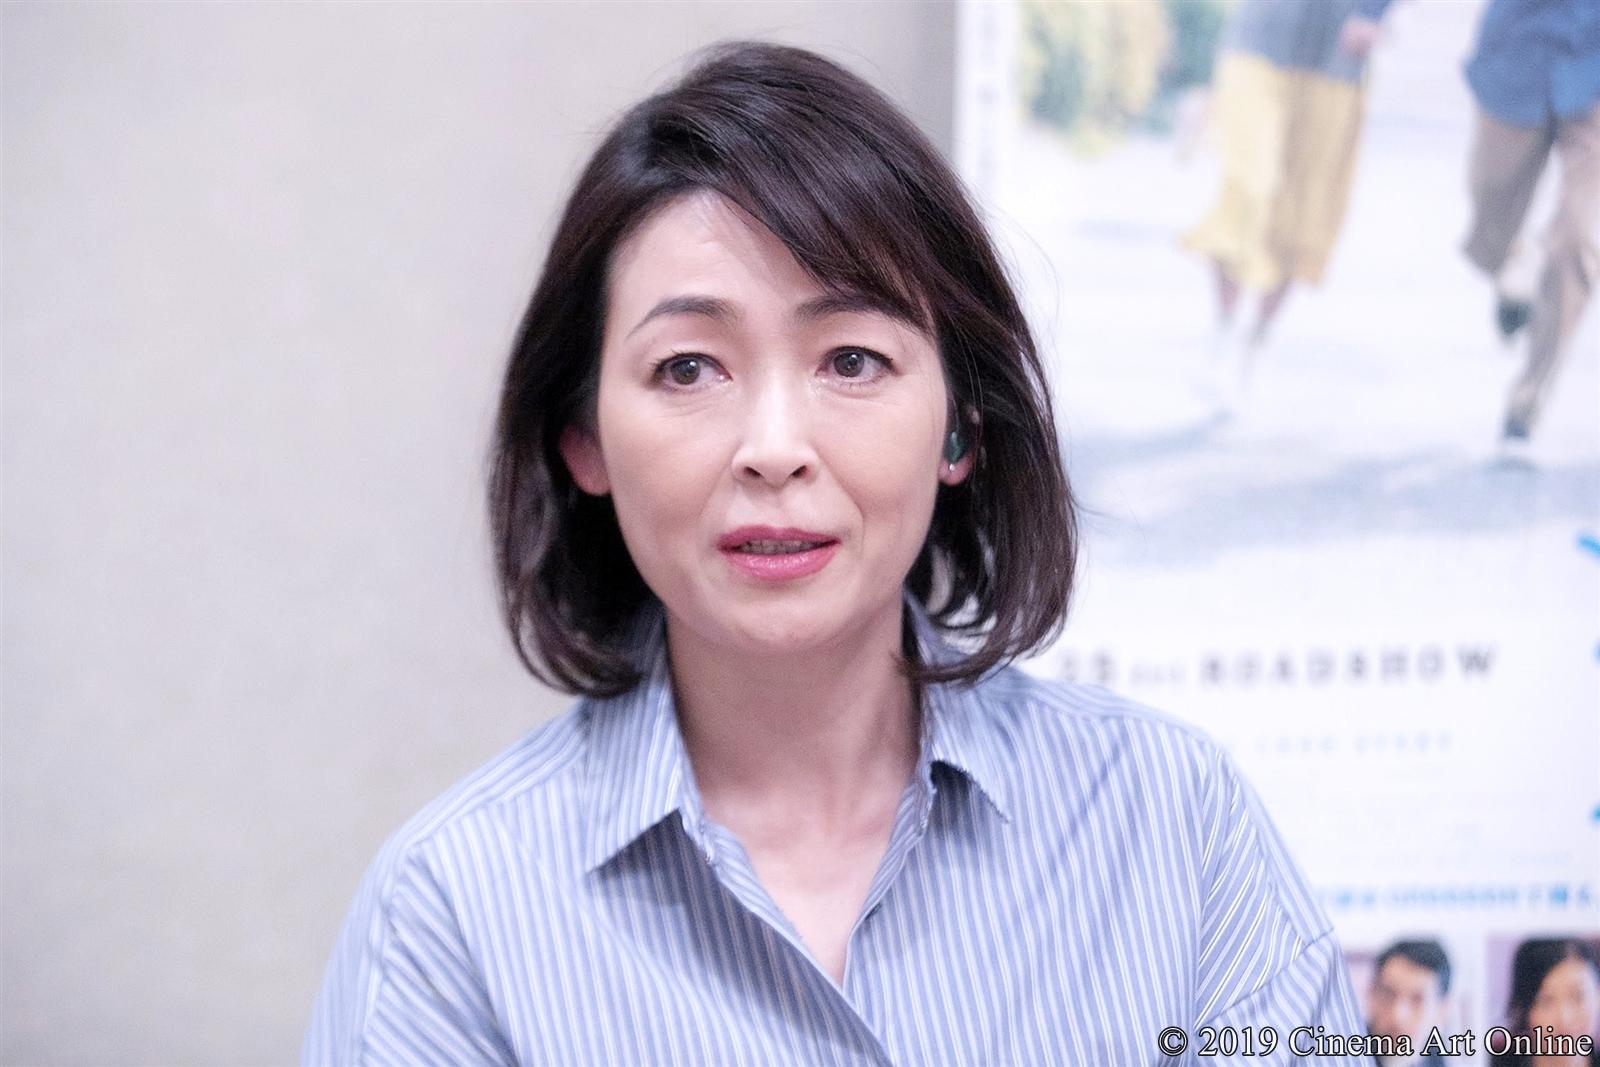 【写真】映画『愛唄 ー約束のナクヒトー』財前直見インタビュー